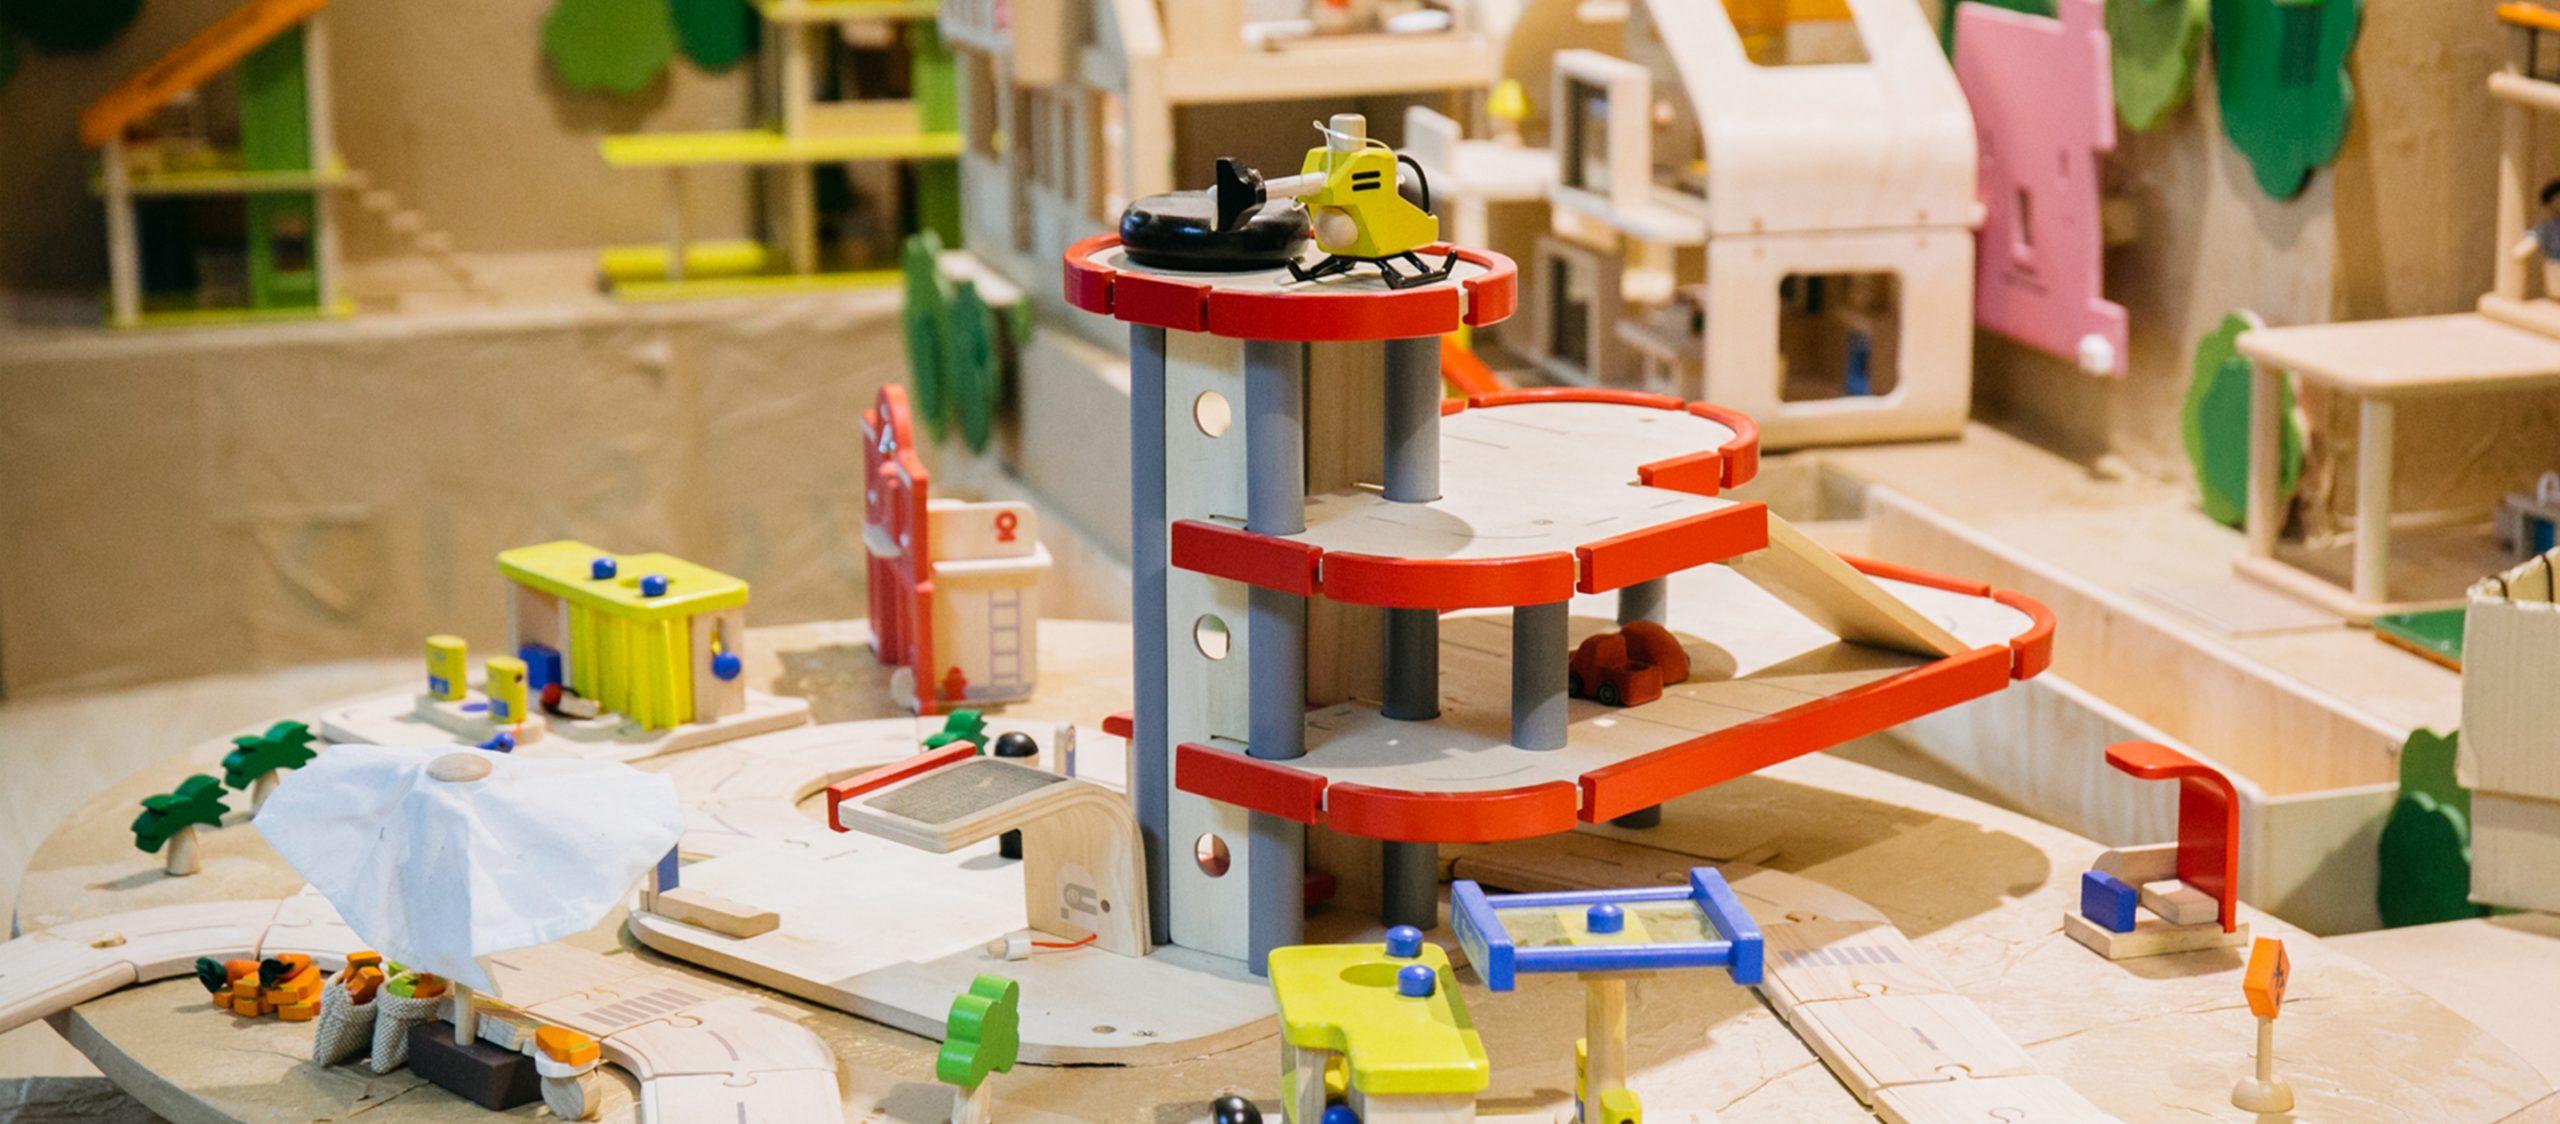 PlanToys บริษัทที่เชื่อว่าของเล่นที่ทำให้เด็กมีความสุข คนทำก็ต้องมีความสุข